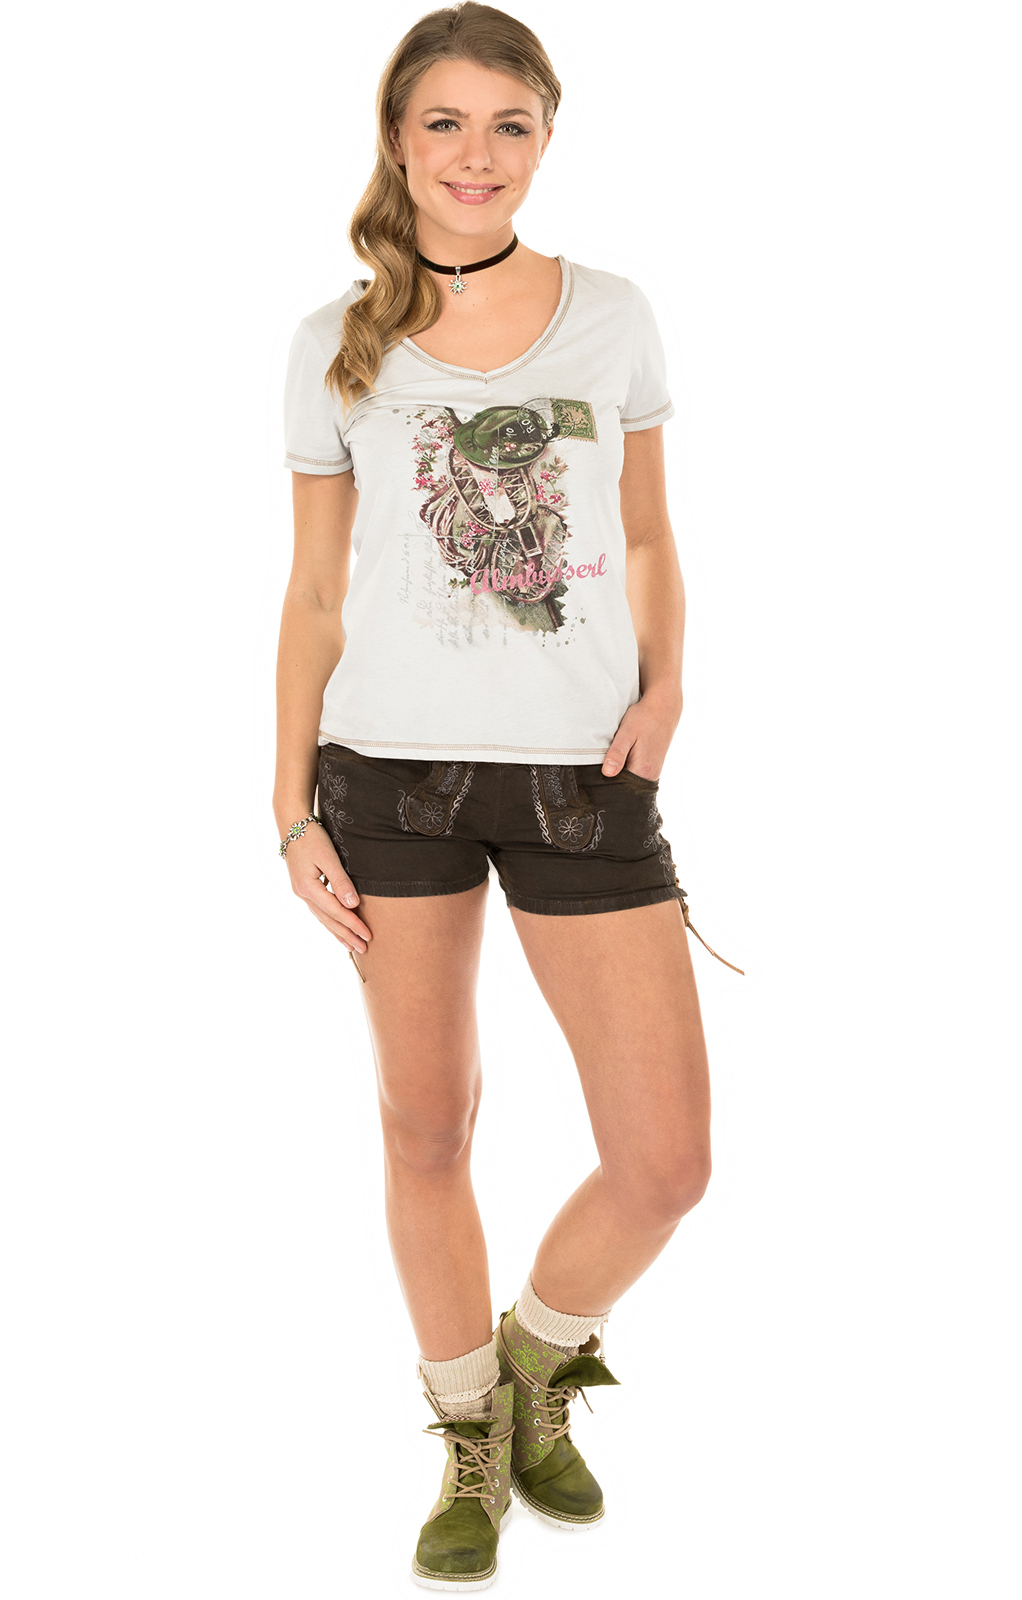 weitere Bilder von Trachten T-Shirt K06 ALMBUSSERL natur